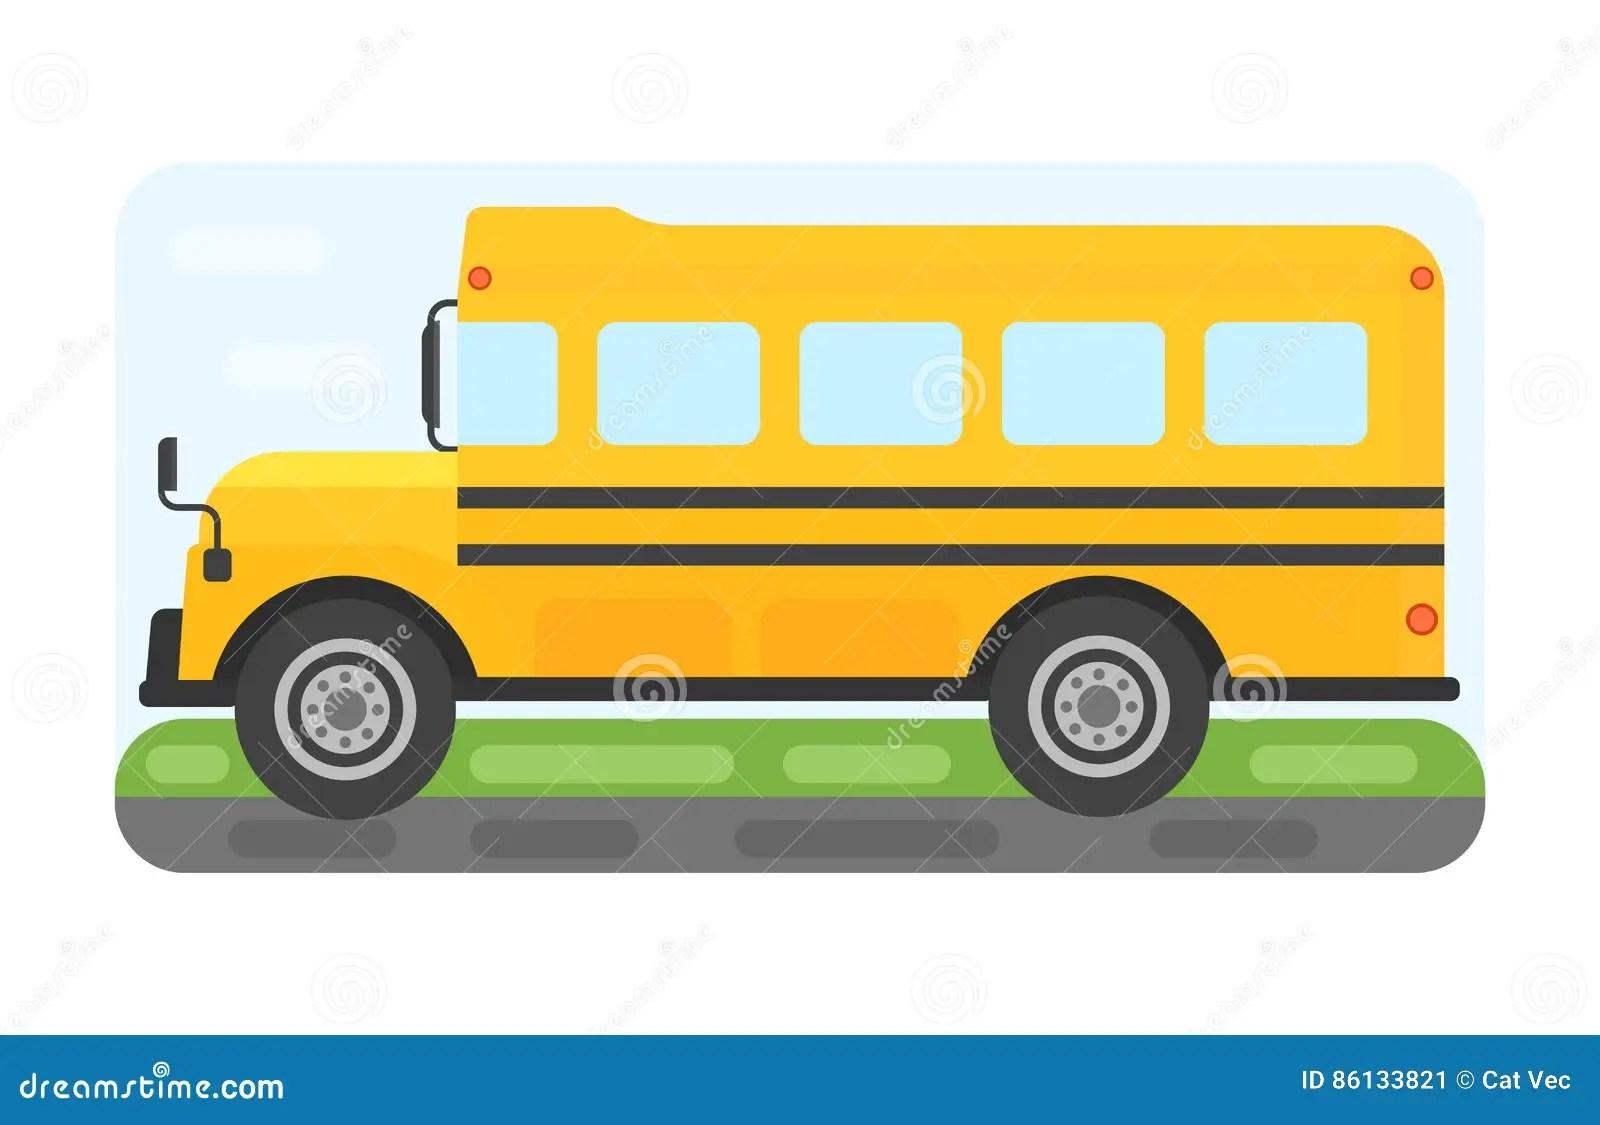 School Bus Transport For Children Vector Illustration Cartoon Vector